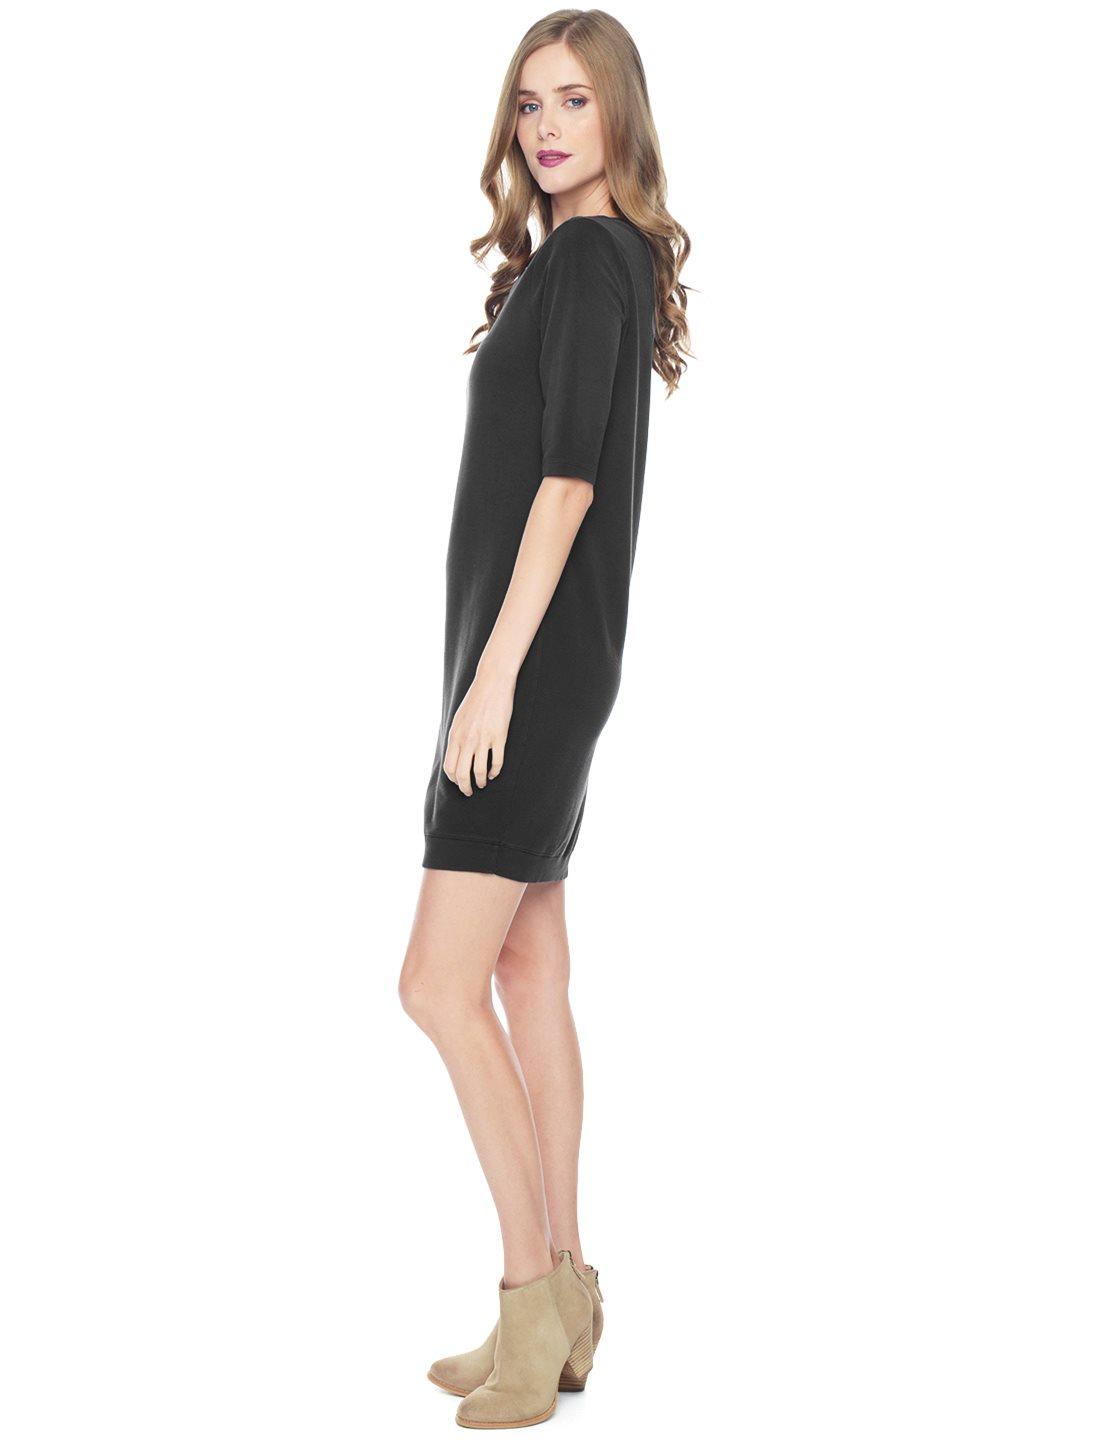 e70c921a65839 Splendid Sweatshirt Dress in Black - Lyst